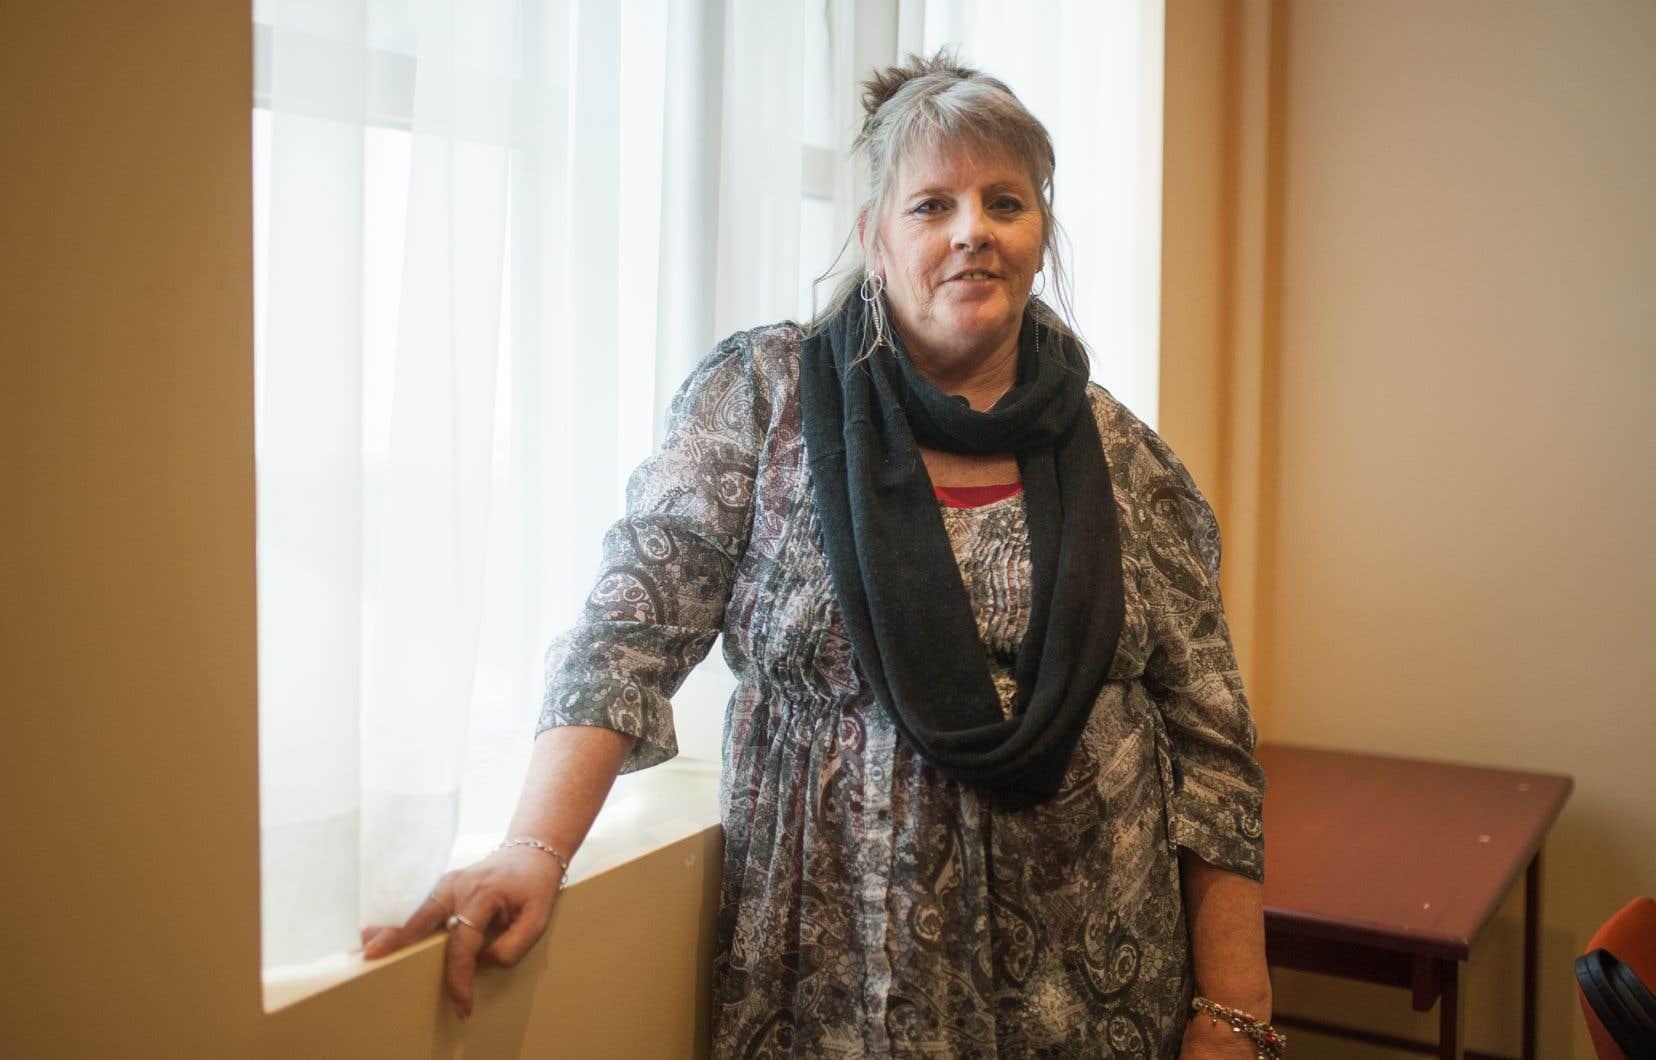 Carole Lévis a décidé de devenir un «livre vivant» pour expliquer à quoi ressemble la vie avec un trouble bipolaire.